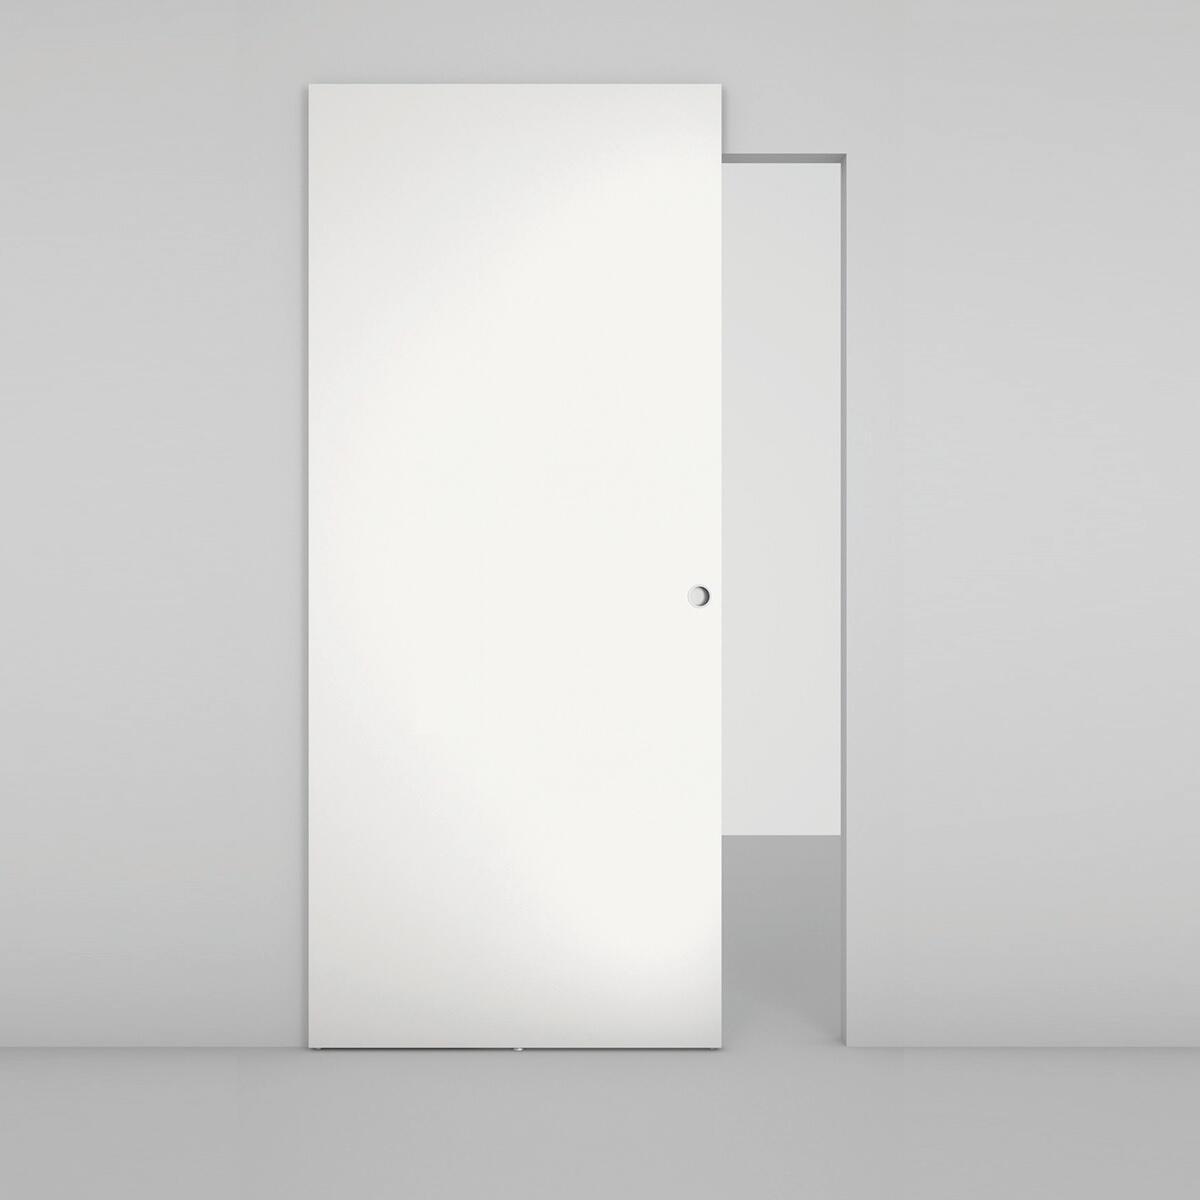 Porta scorrevole con binario esterno Space Lam Tda in legno, Binario nascosto L 101 x H 230 cm dx - 2